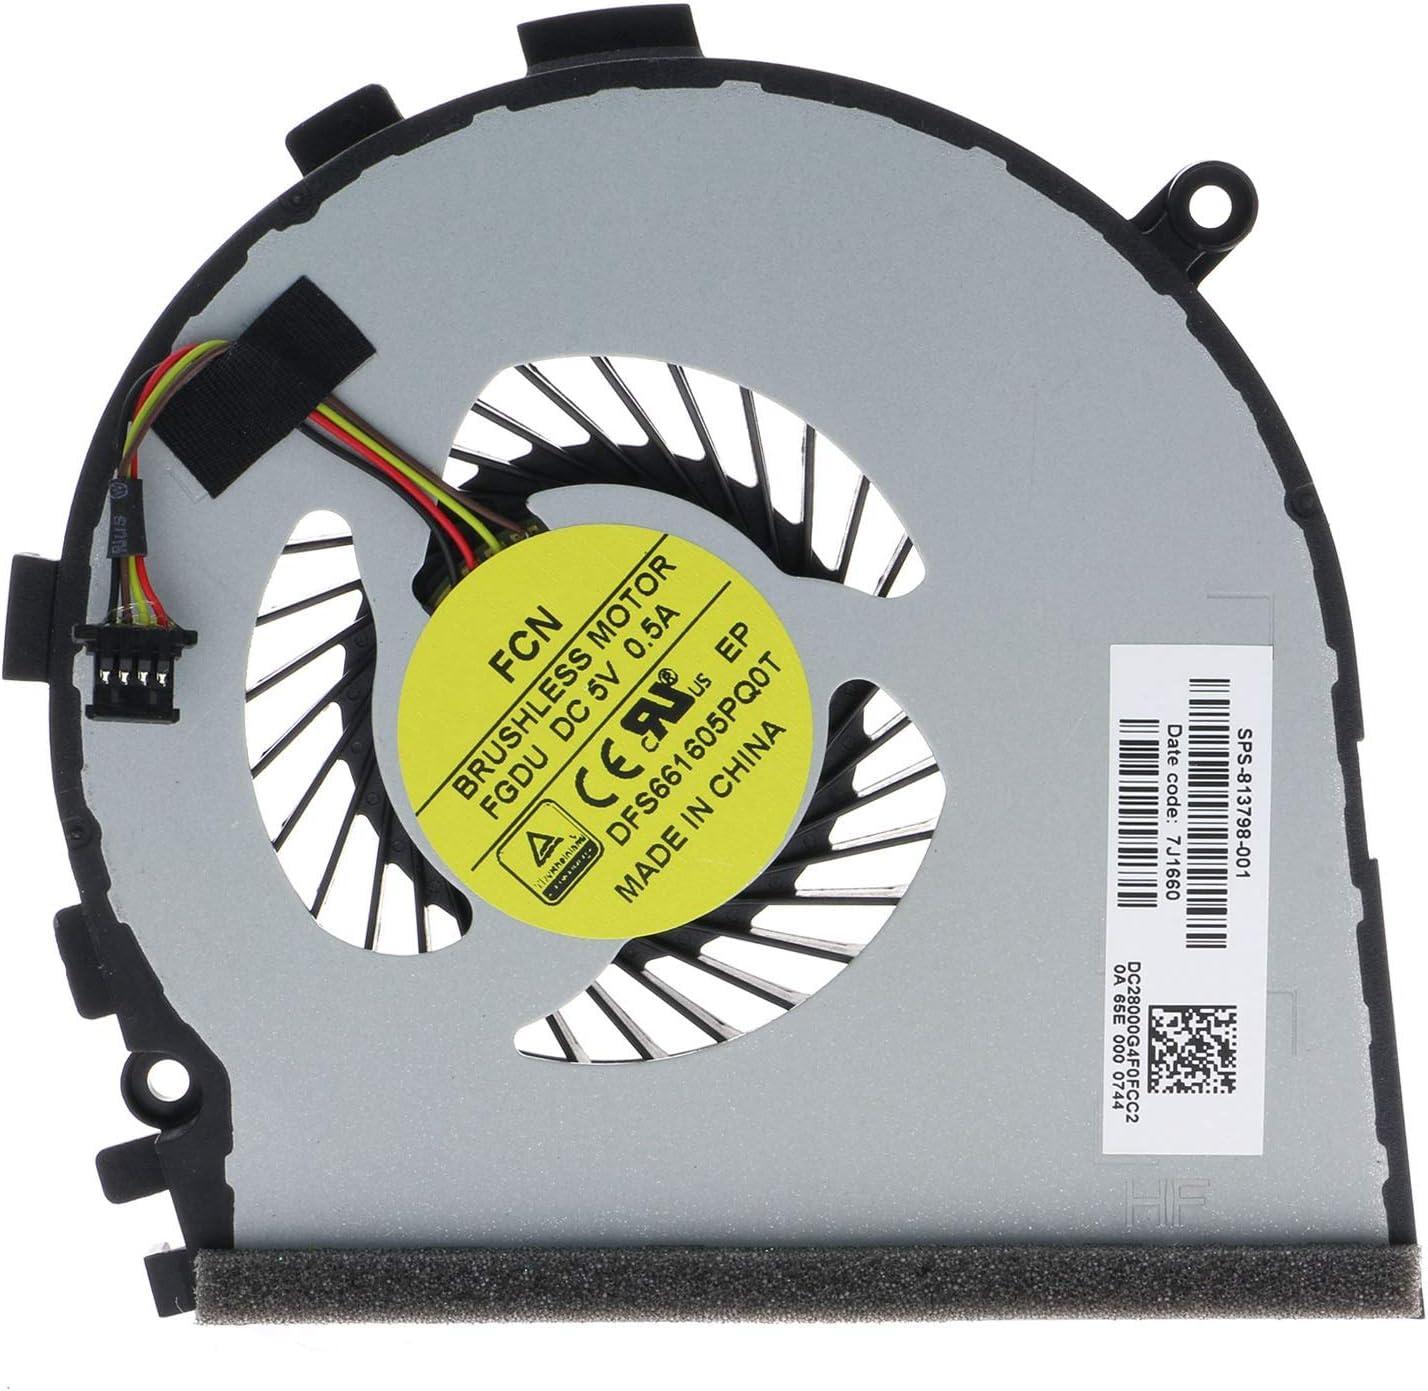 US DC POWER JACK CABLE HP M7-N110DX M7-N111DX M7-N014DX M7-N101DX N109DX NEW